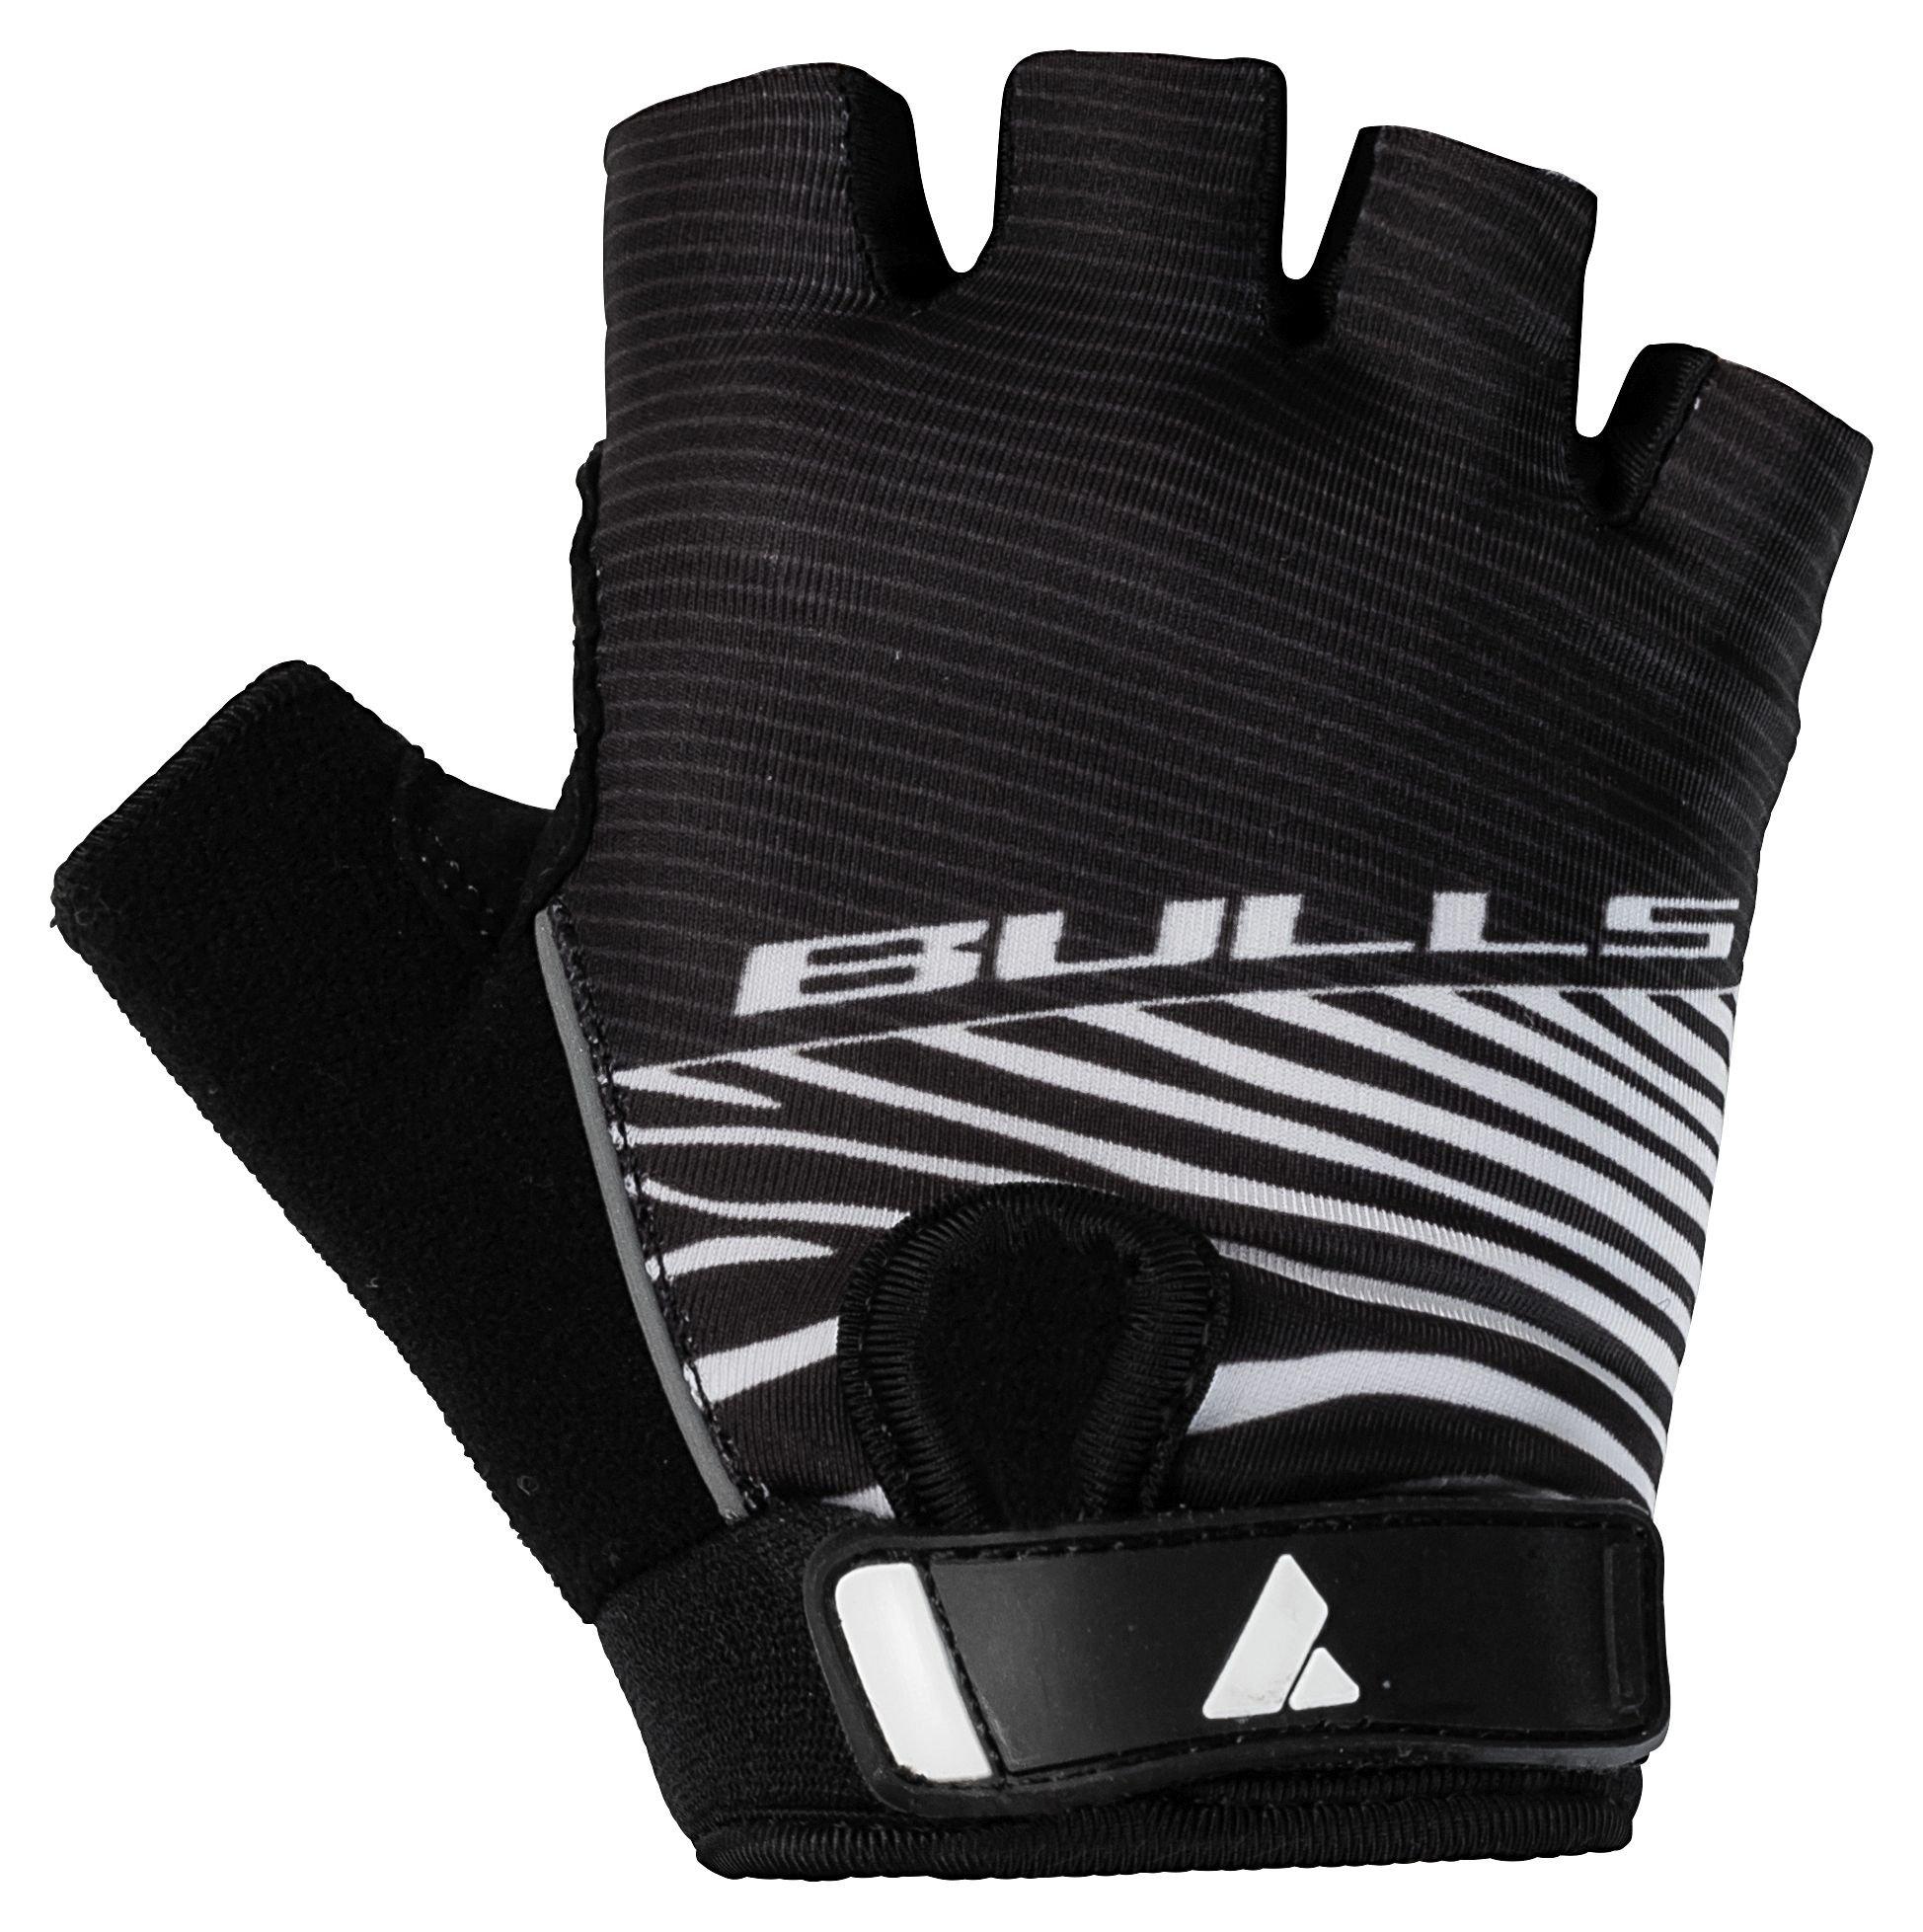 BULLS Kinder Handschuh Competition